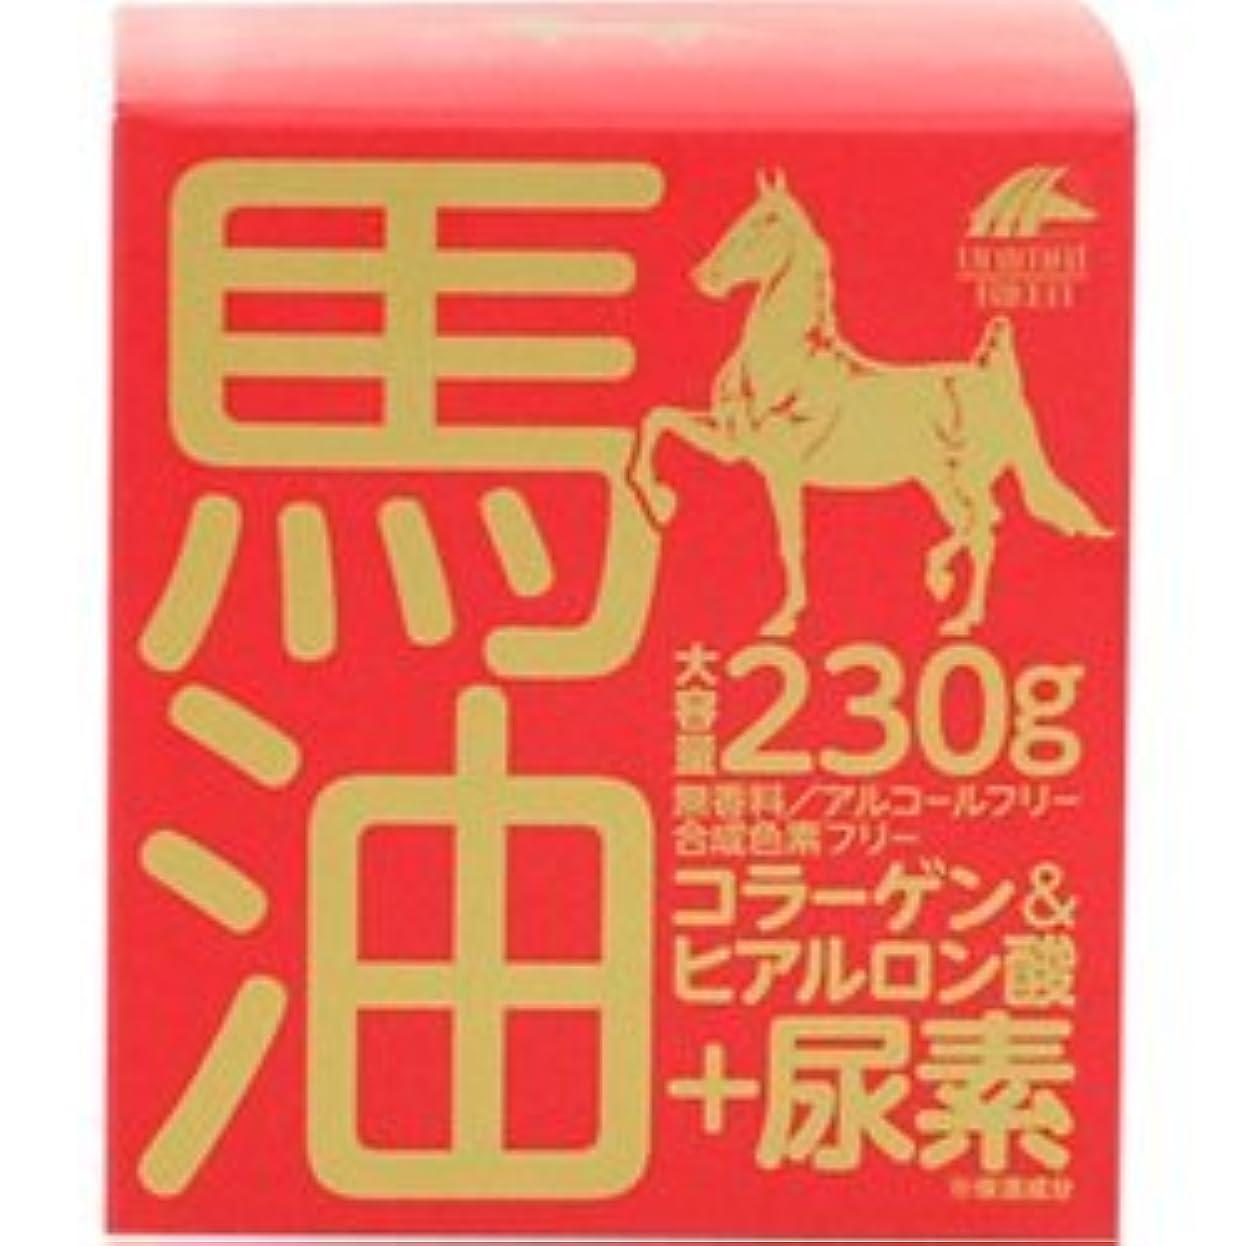 お母さん関連付ける懐【ユニマットリケン】馬油クリーム+尿素 230g ×20個セット